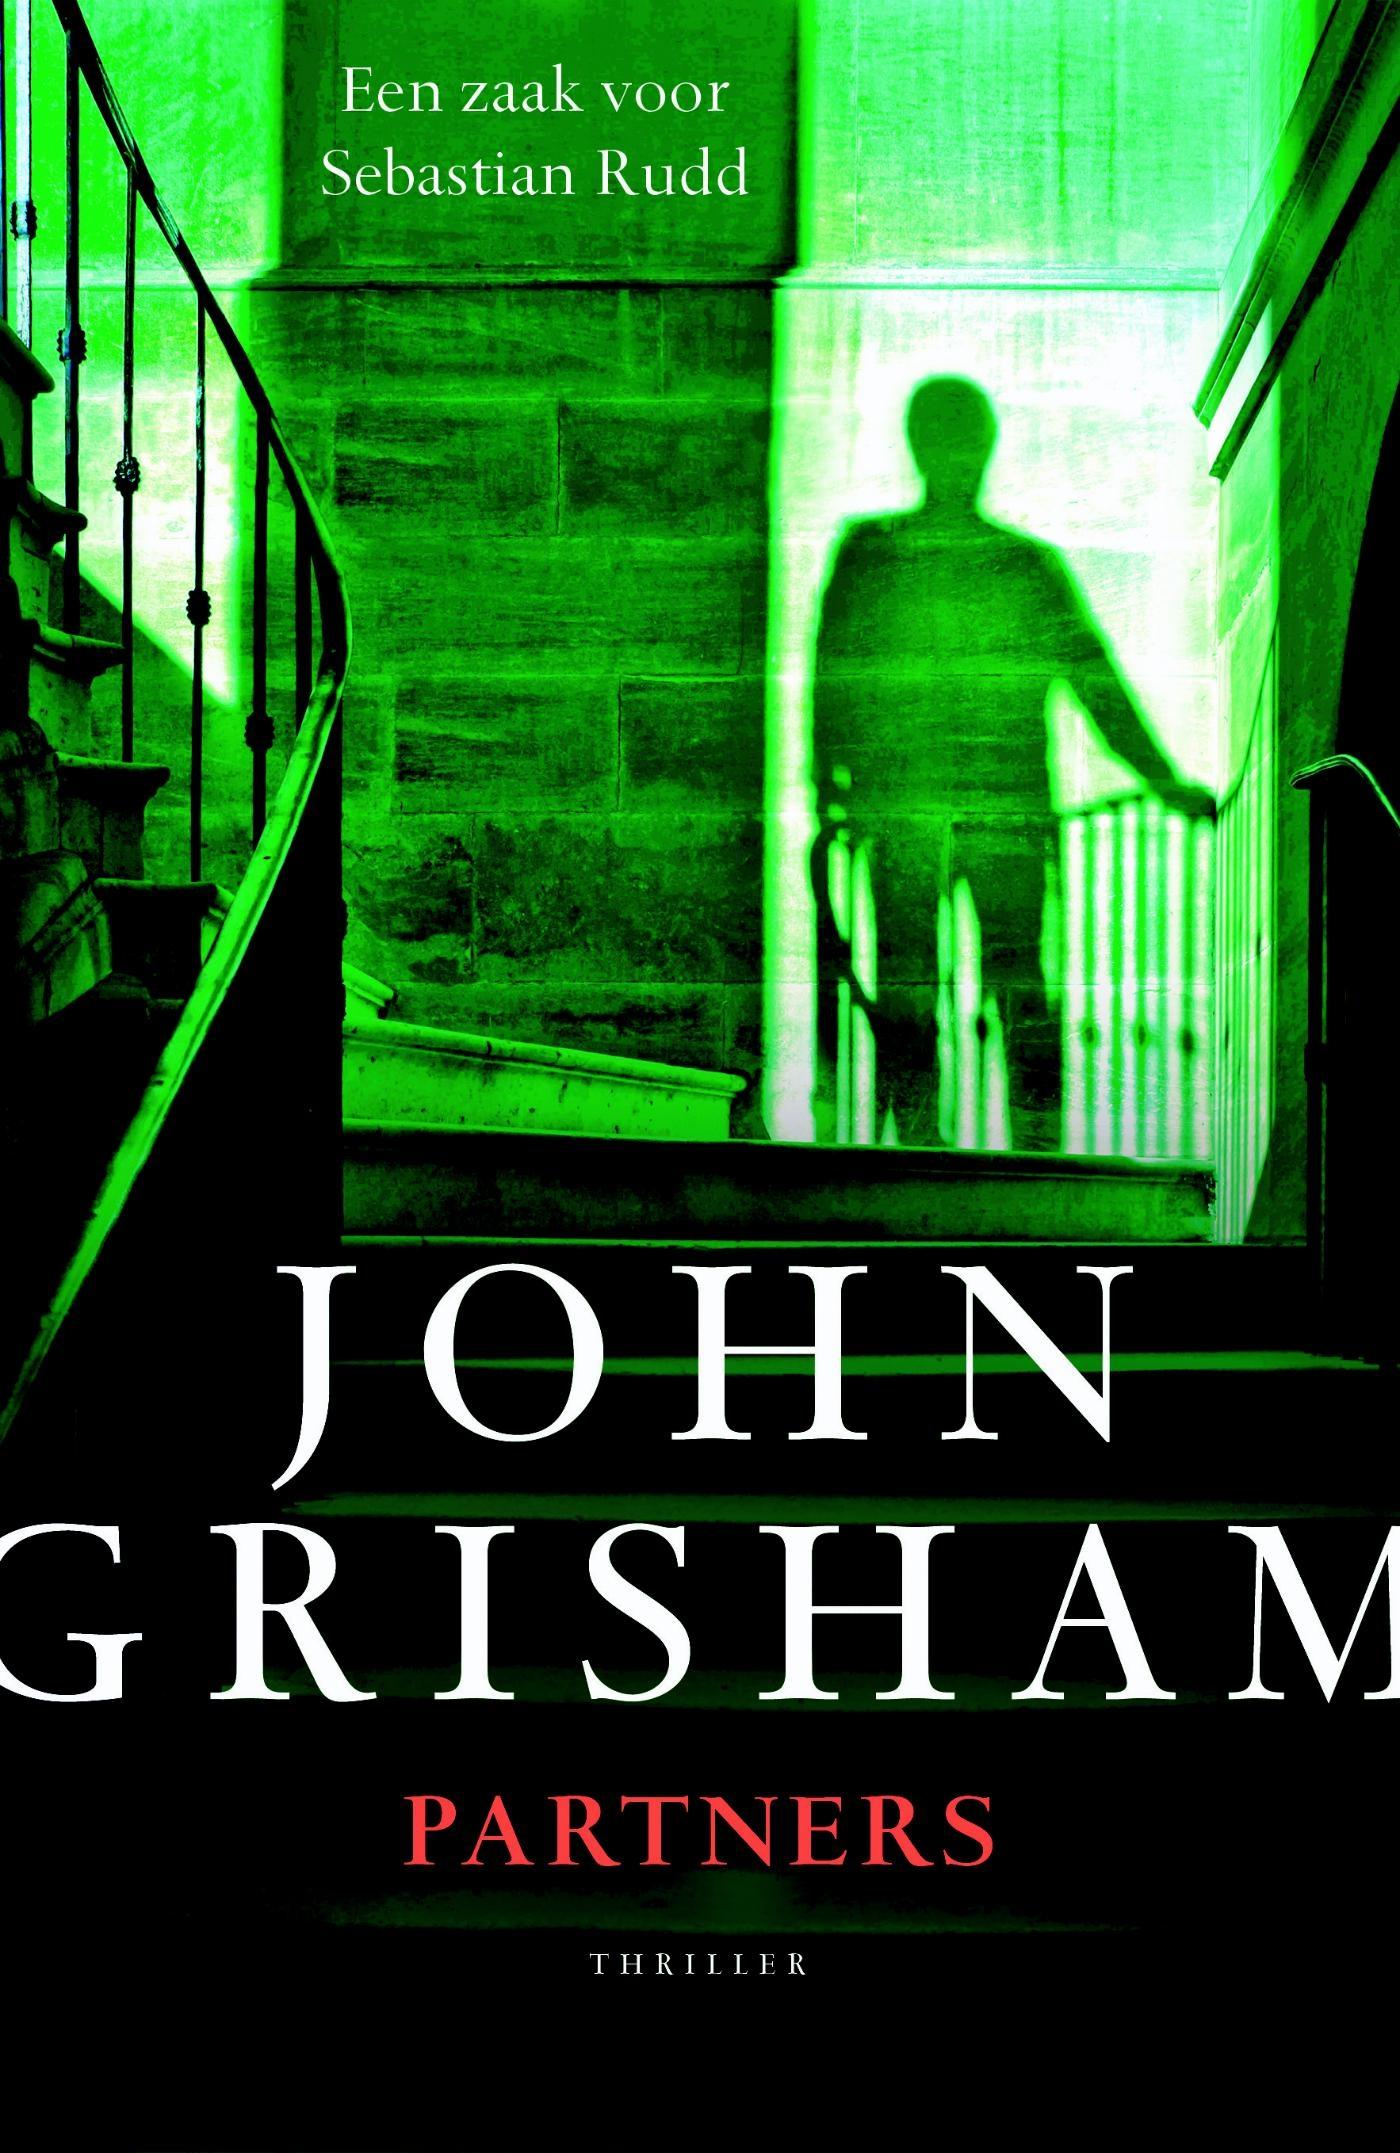 Partners – John Grisham